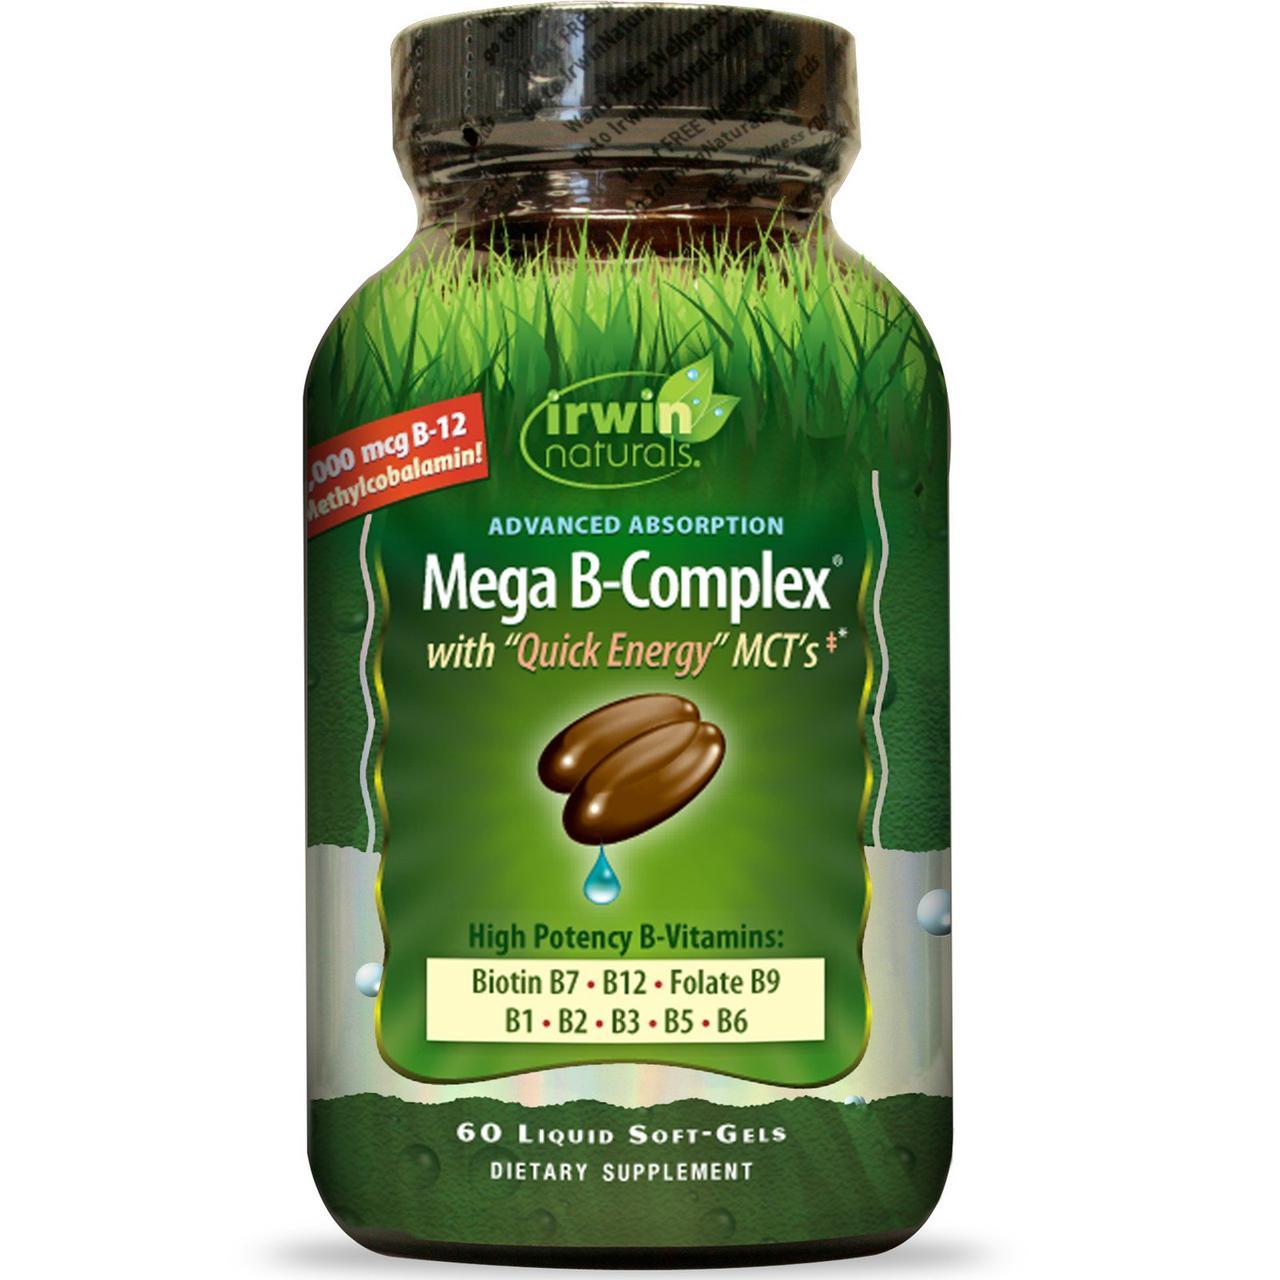 Мега-комплекс витаминов B с быстрой энергией ТСЦ от Irwin Naturals, 60 жидкостных желатиновых капсул